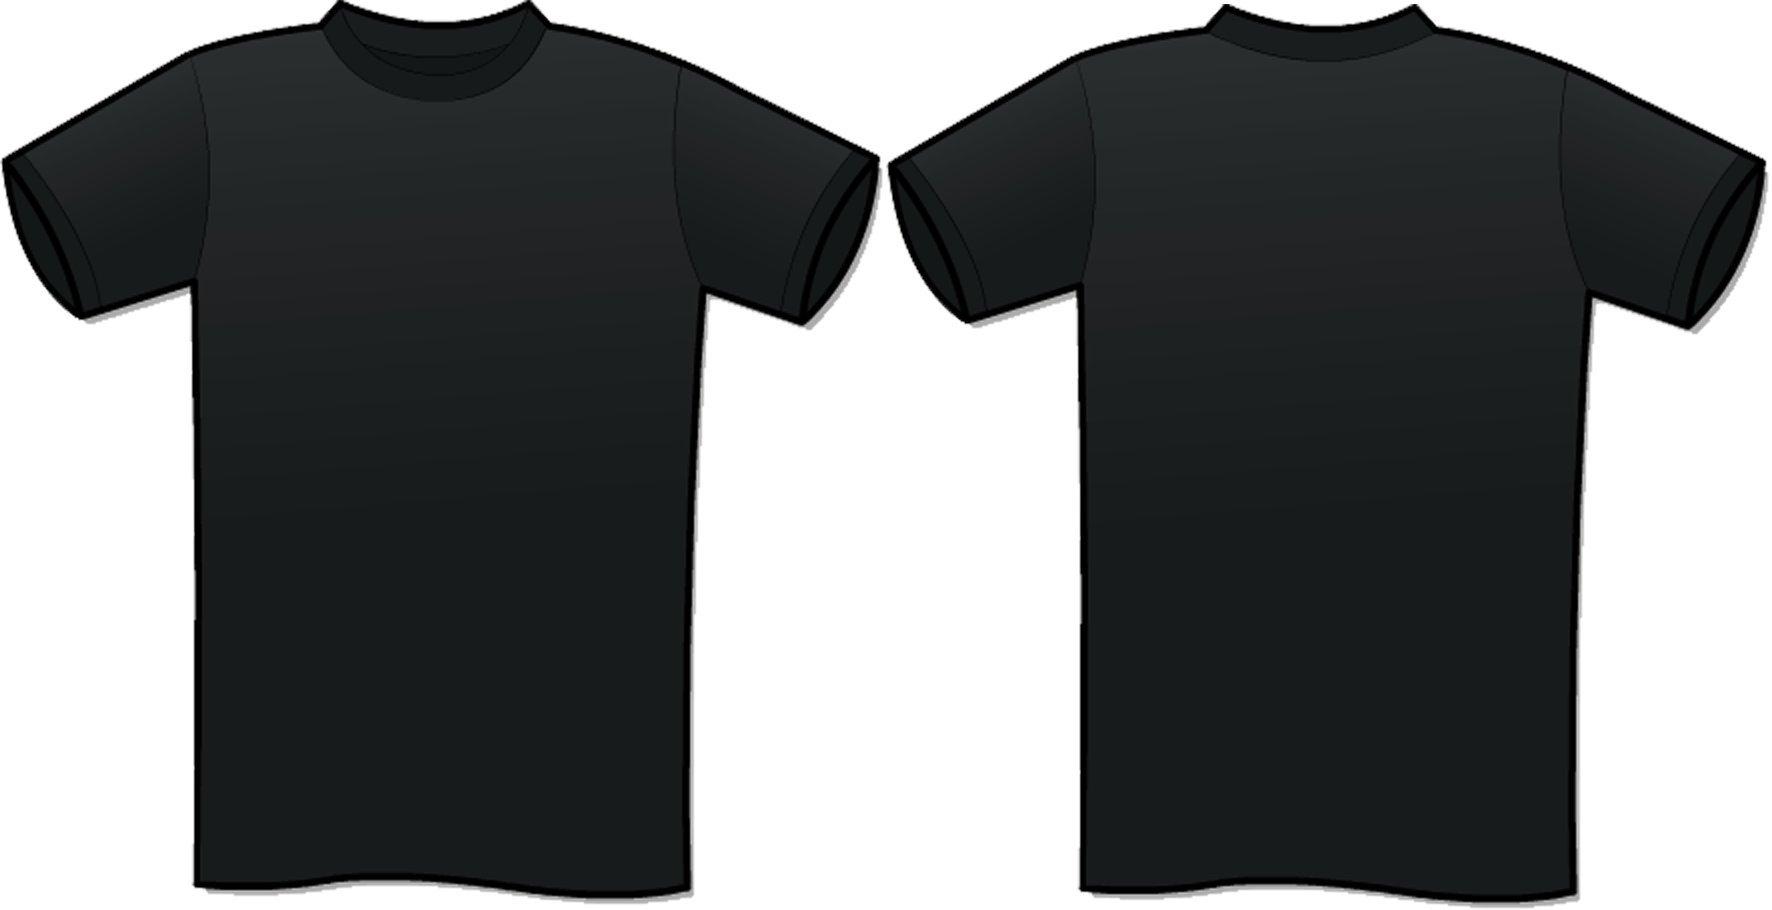 Black Tshirt Template Clip Art at Clkercom  vector clip